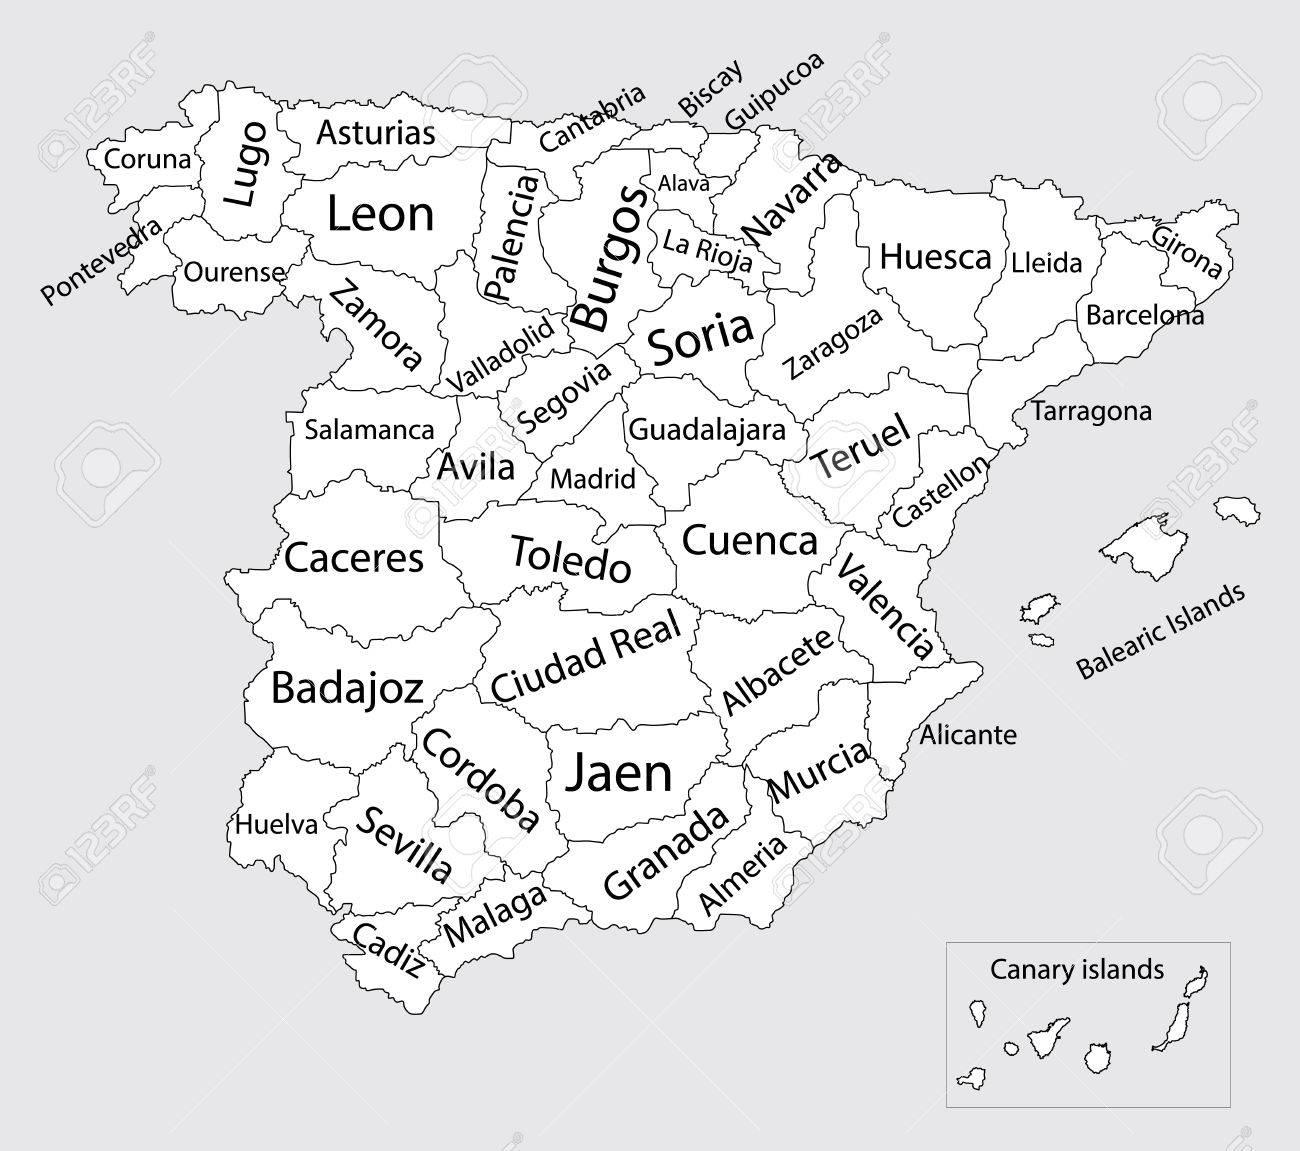 Provincias De España Mapa En Blanco.Mapa Vectorial En Blanco Editable De Espana Mapa Vectorial De Espana Aislado En El Fondo Alto Detallado Comunidades Autonomas De Espana Divisiones